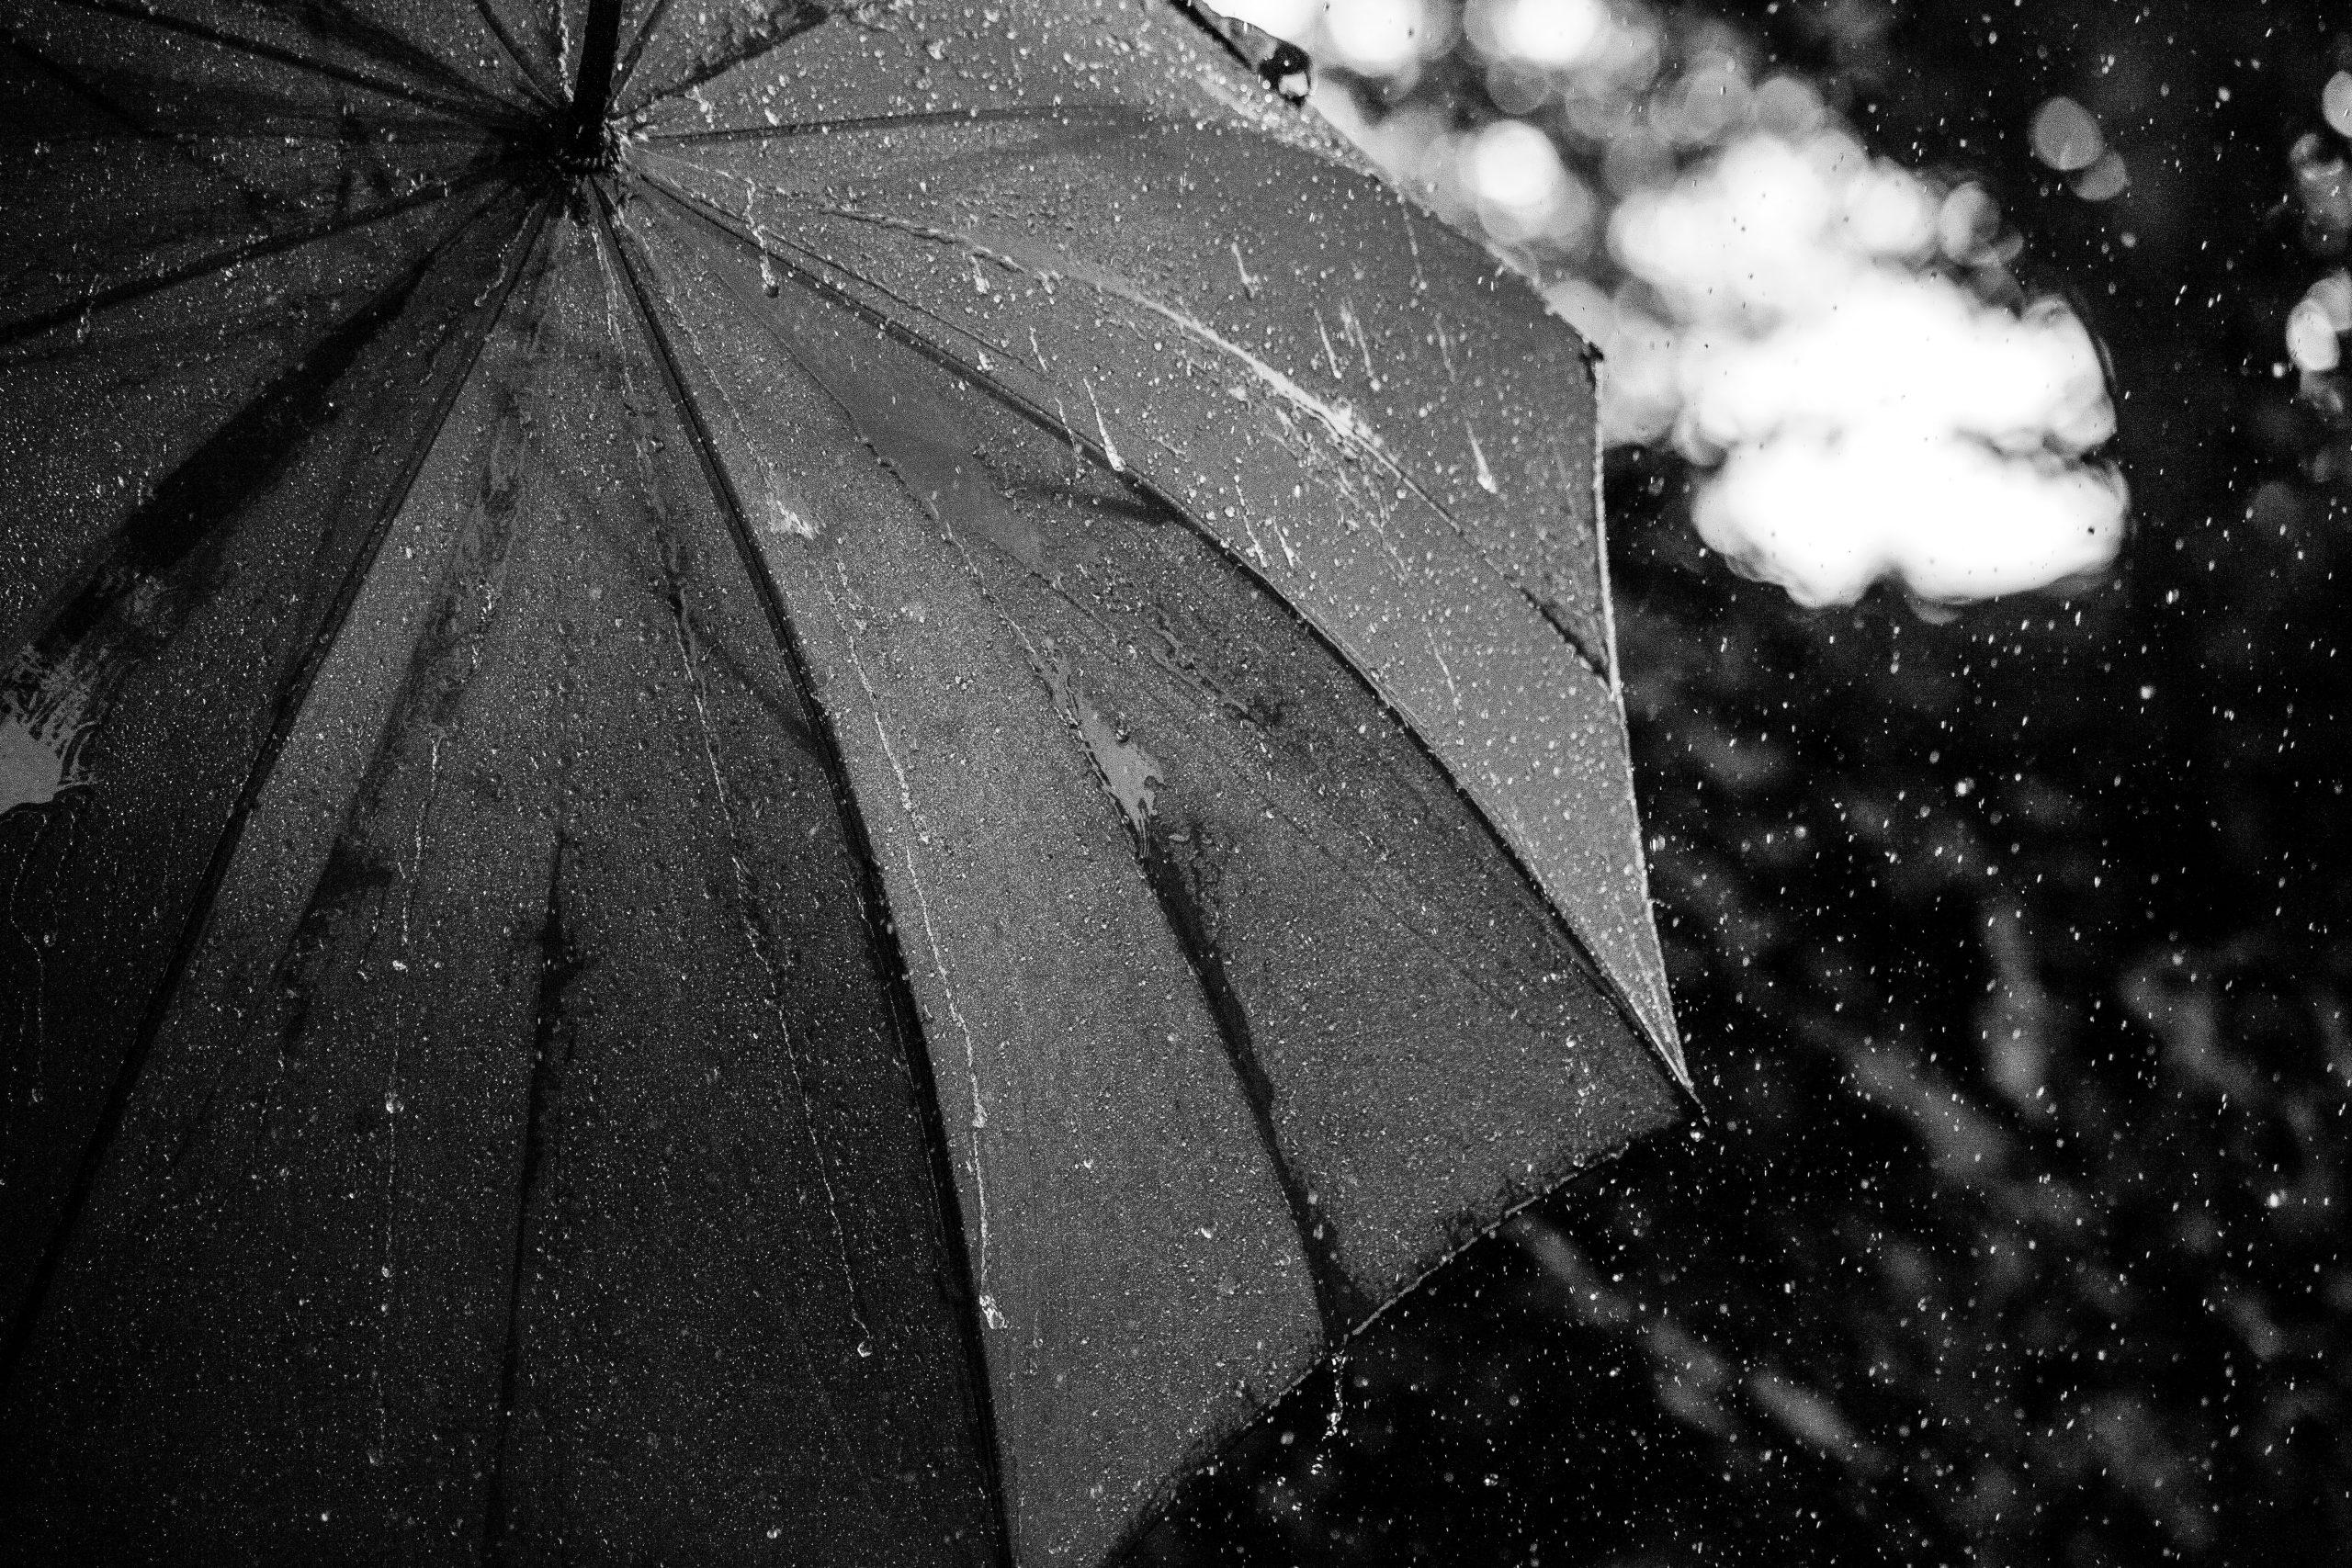 プレゼントにも最適!威張れるメンズの高級傘~ビニール傘におさらば~